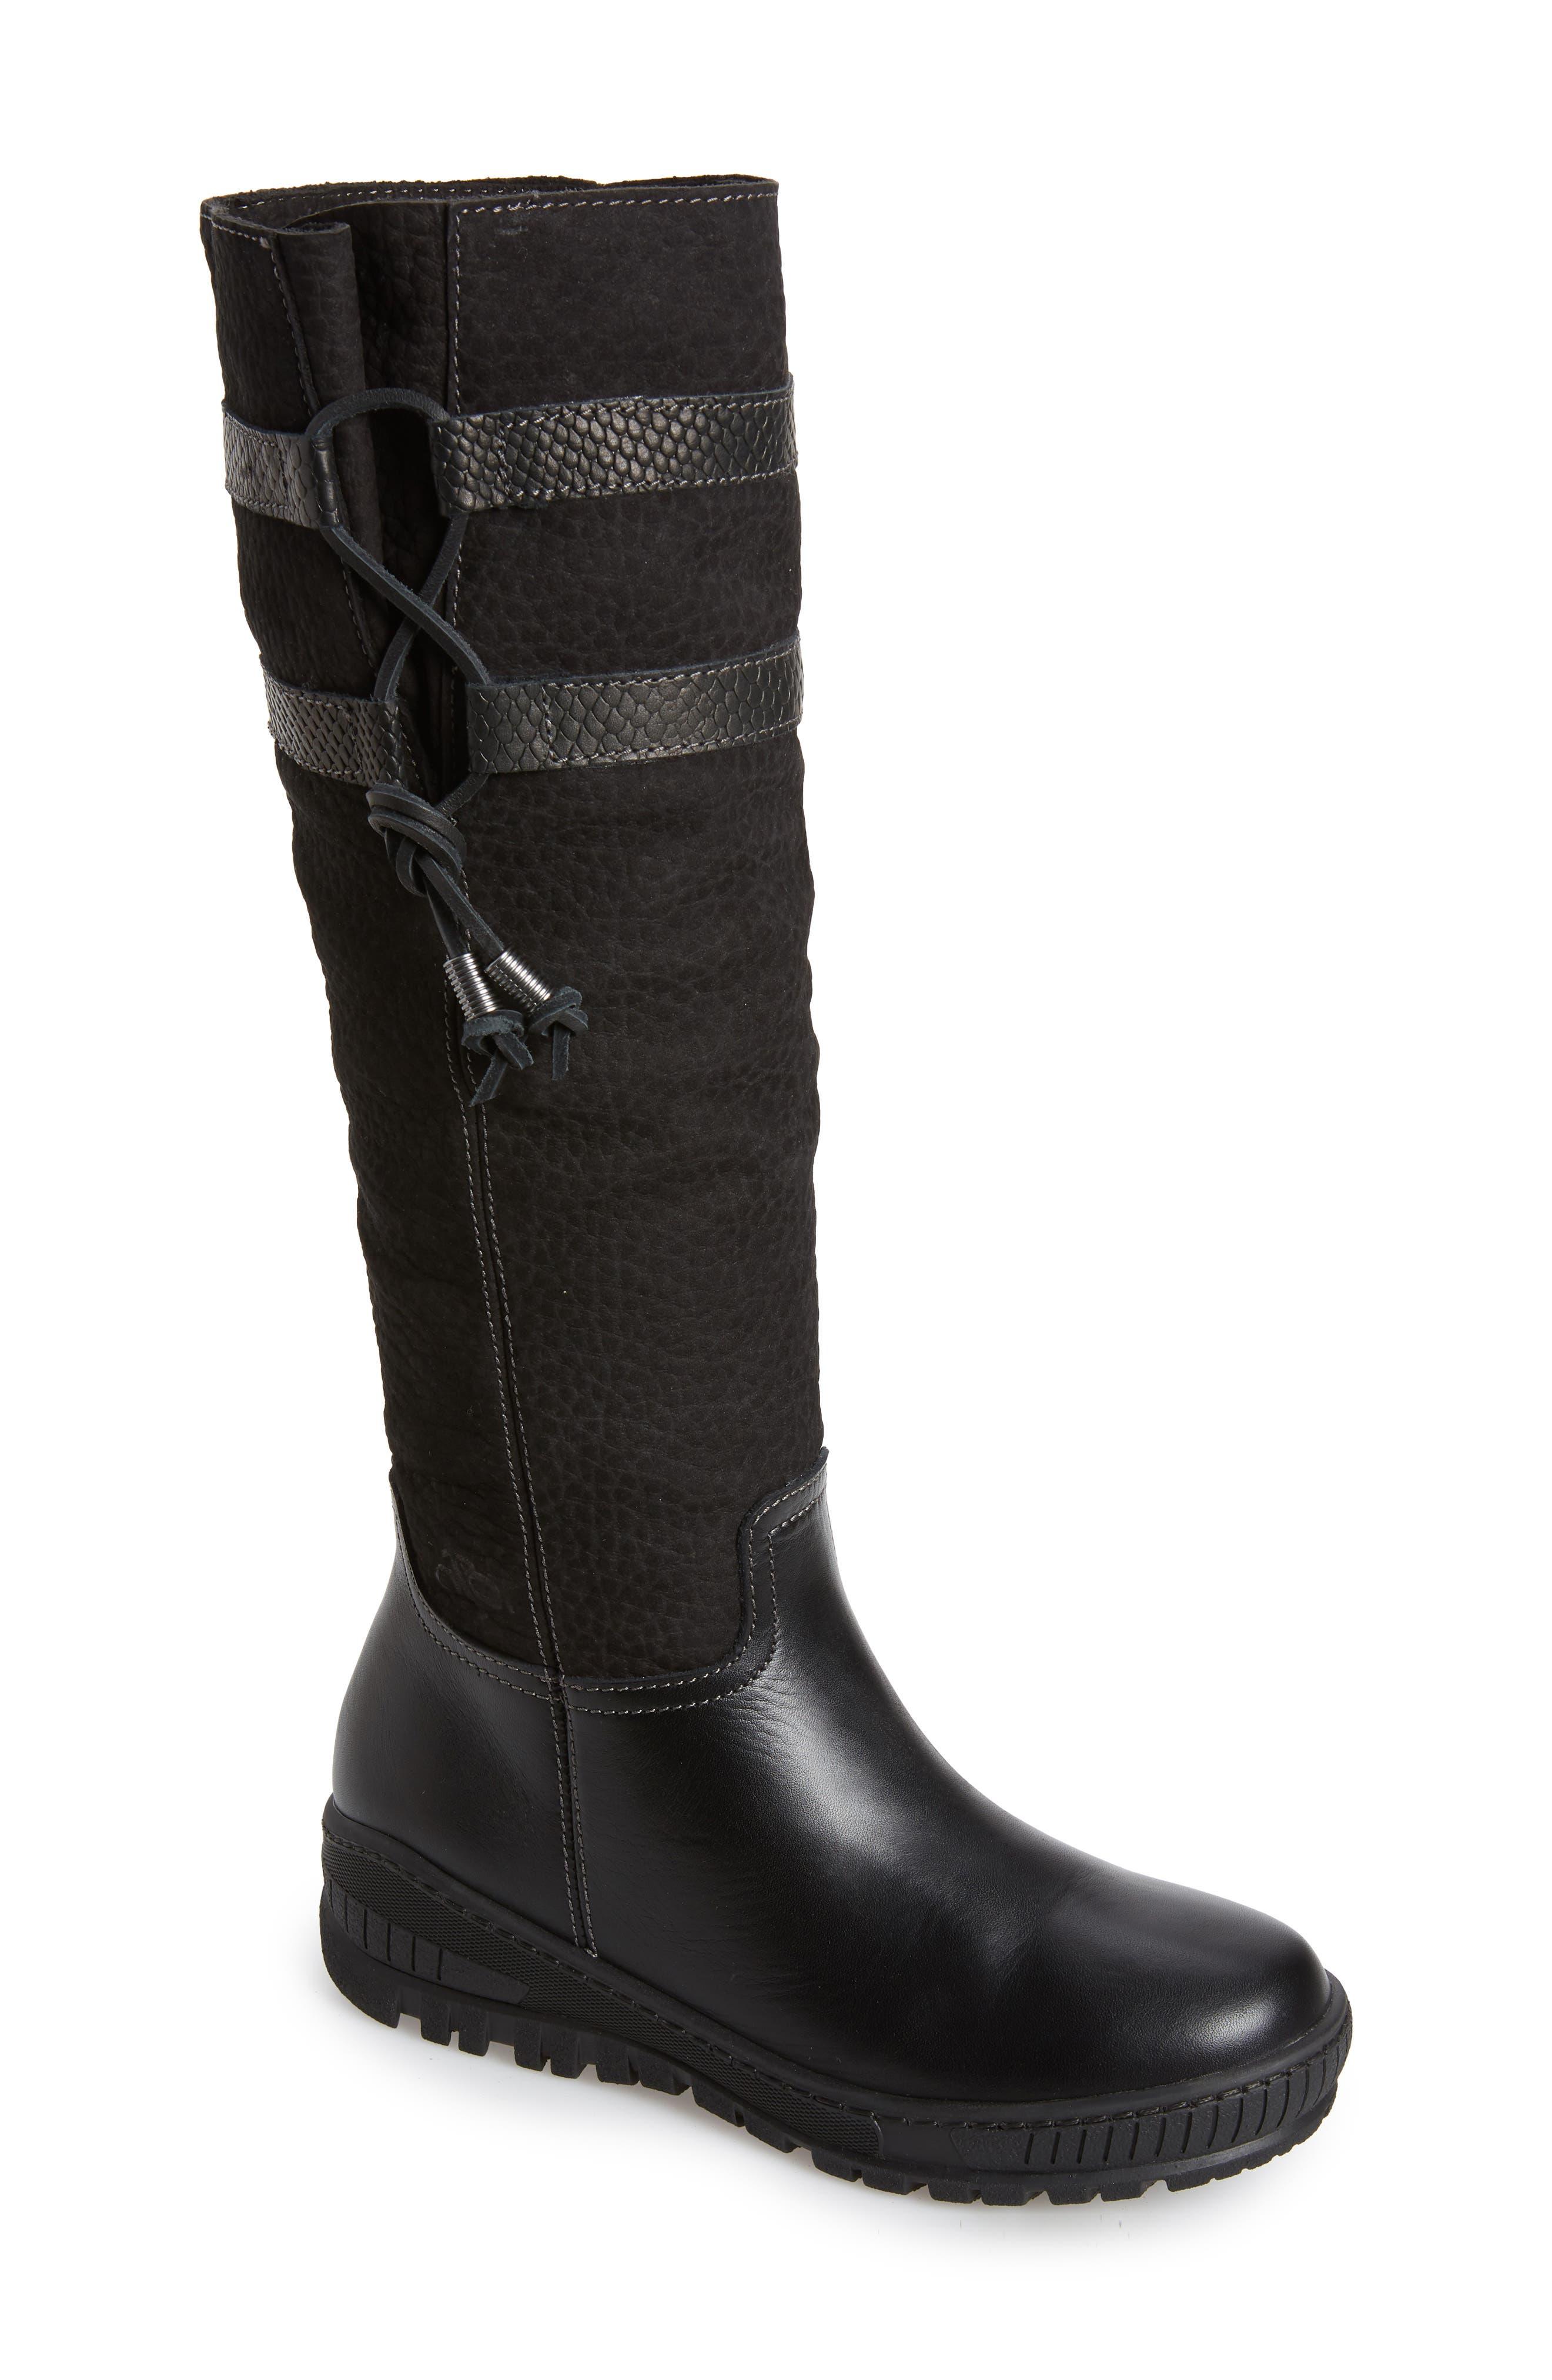 Otbt Move On Knee High Boot, Black